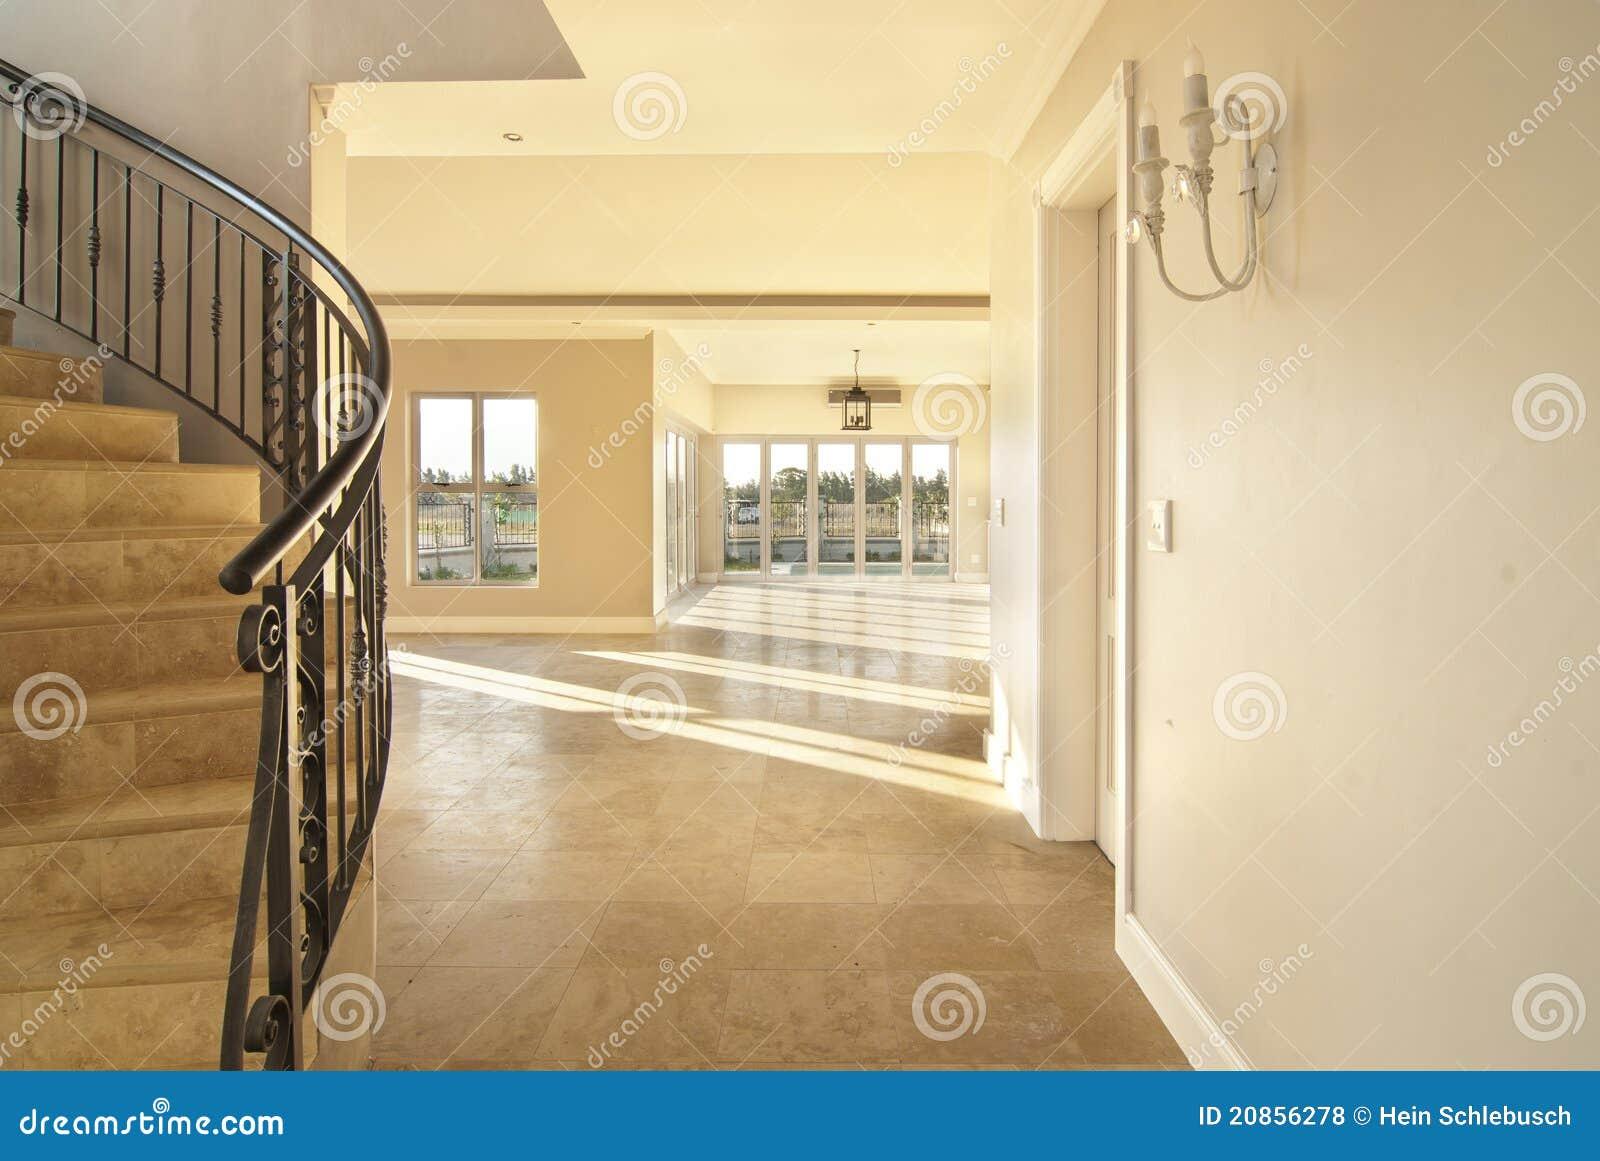 escalier et salon photo stock image du vide indoors 20856278. Black Bedroom Furniture Sets. Home Design Ideas